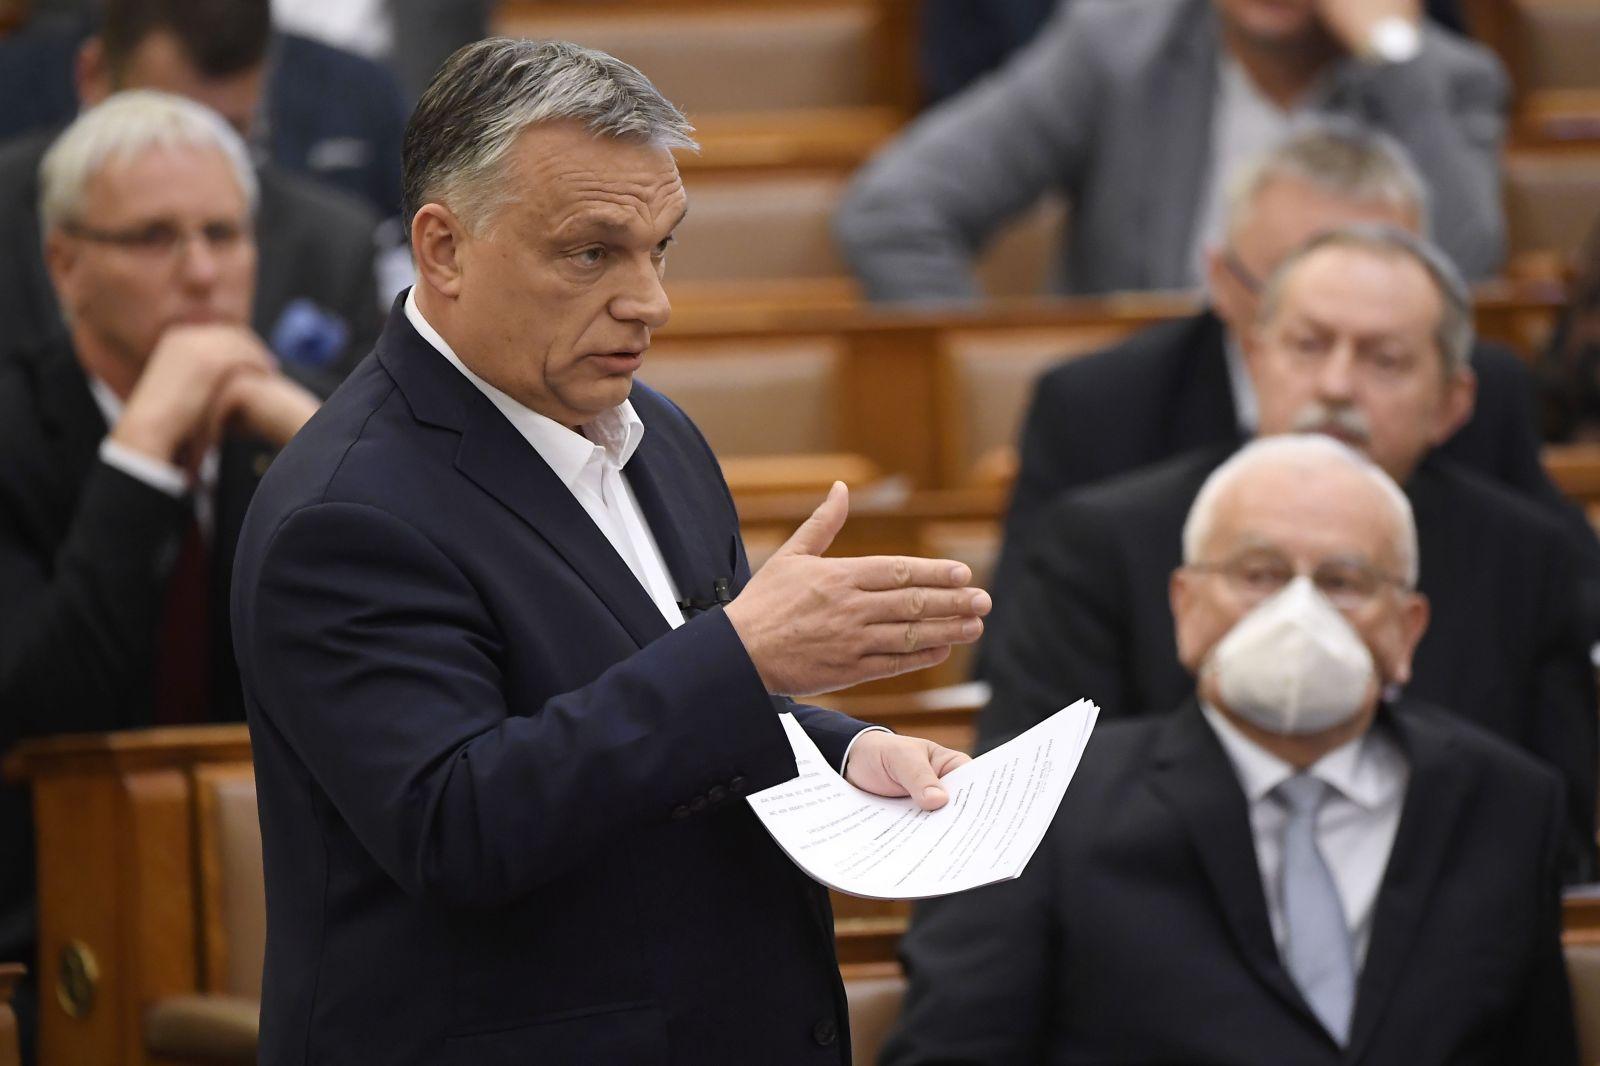 Maďari plánujú zrušiť právne uznanie transrodovým ľuďom.